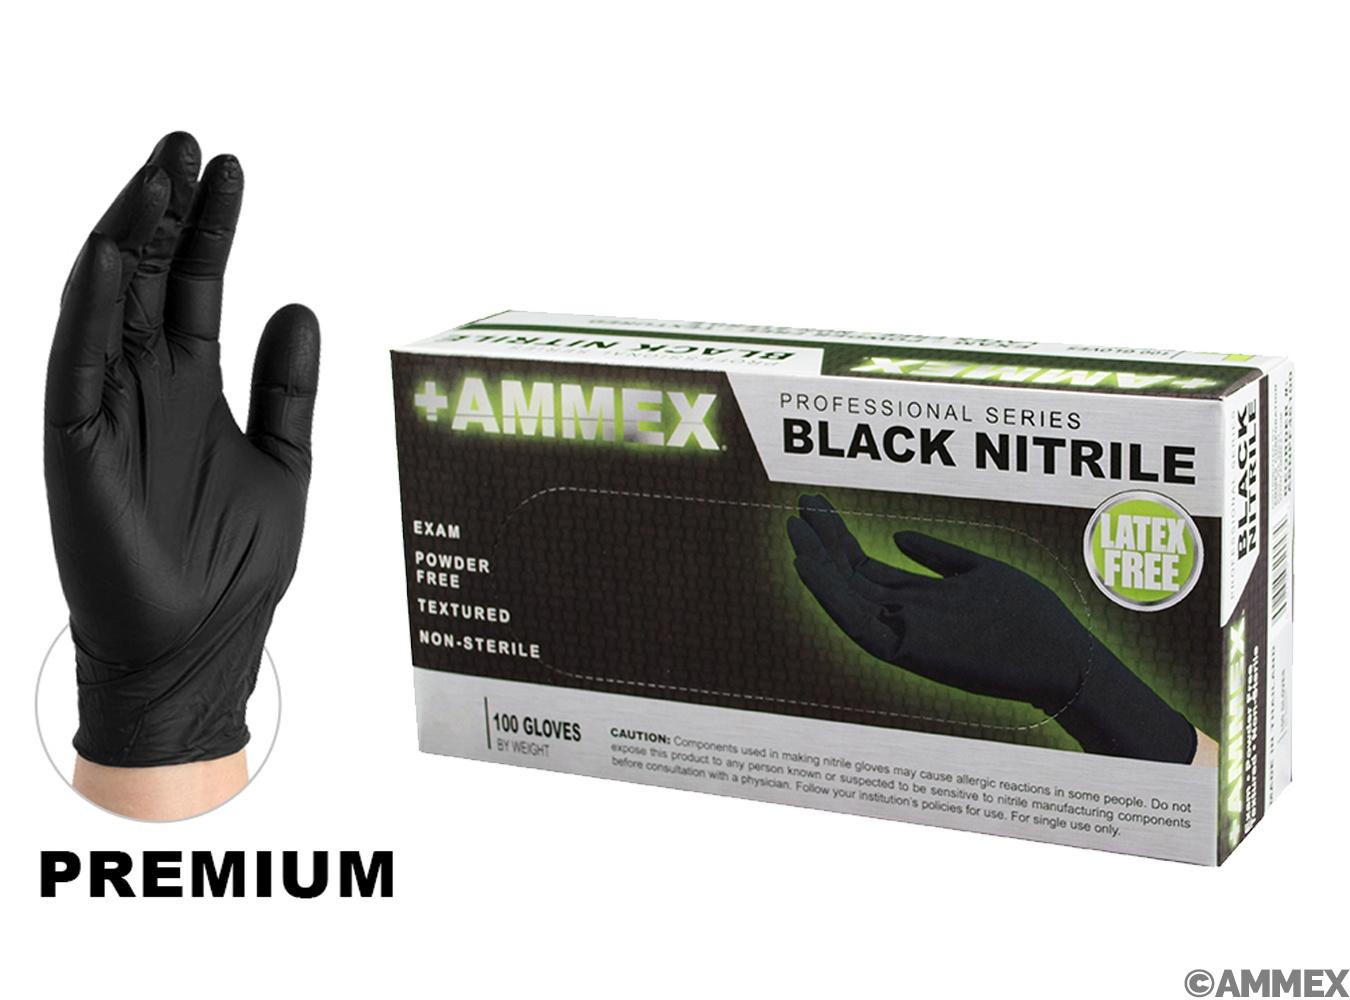 Black Nitrile exam grade gloves